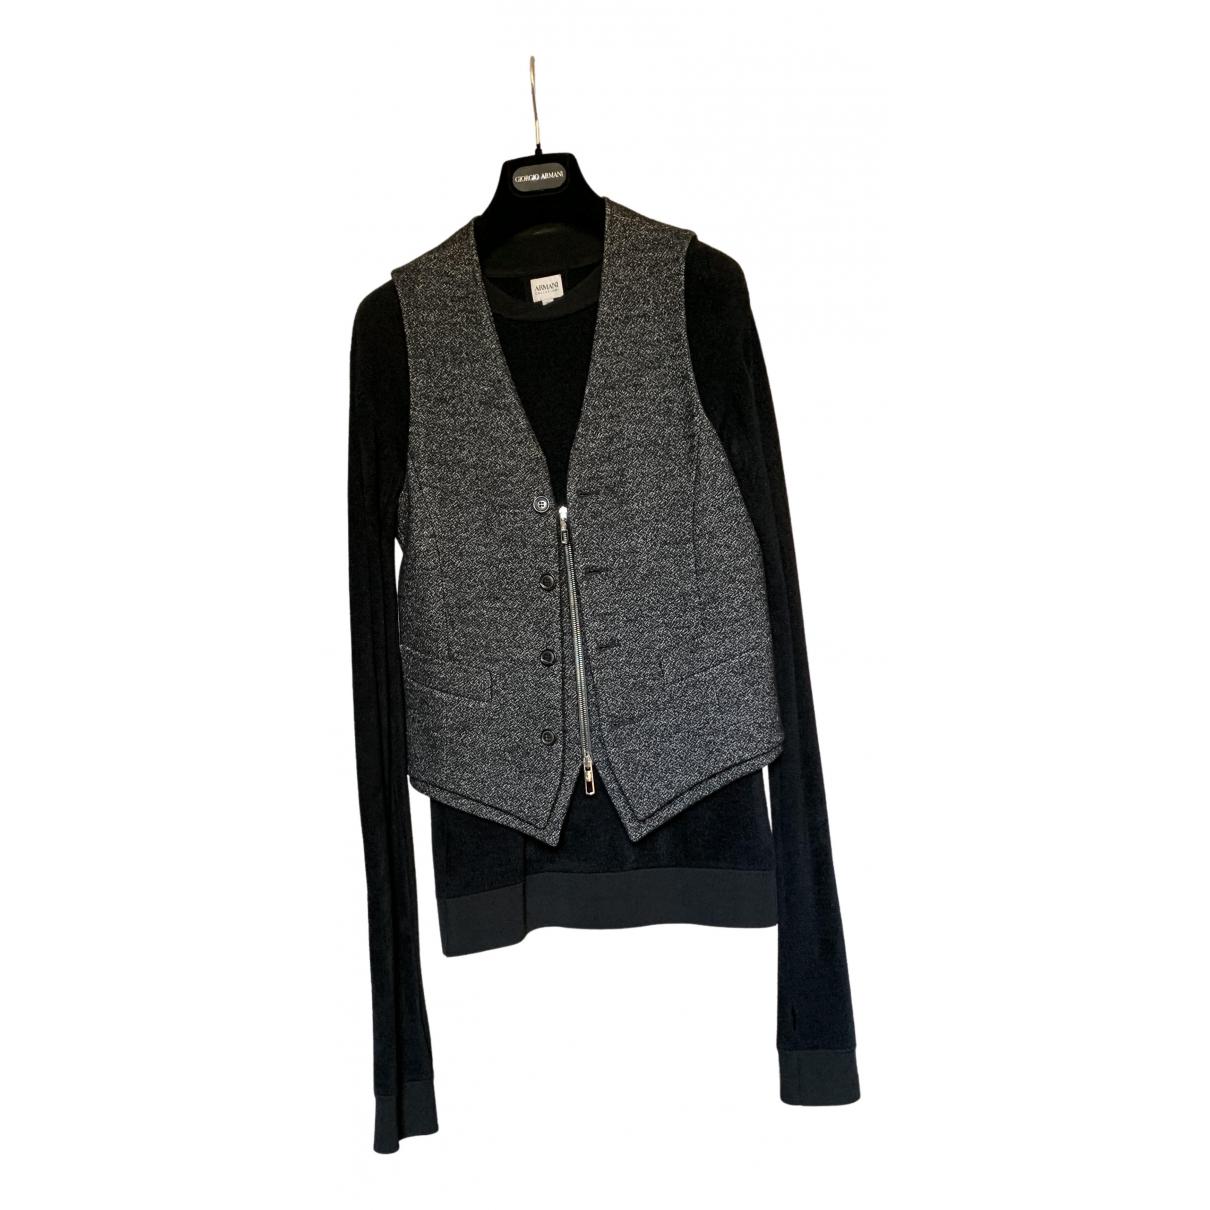 Armani Collezioni - Vestes.Blousons   pour homme en laine - noir